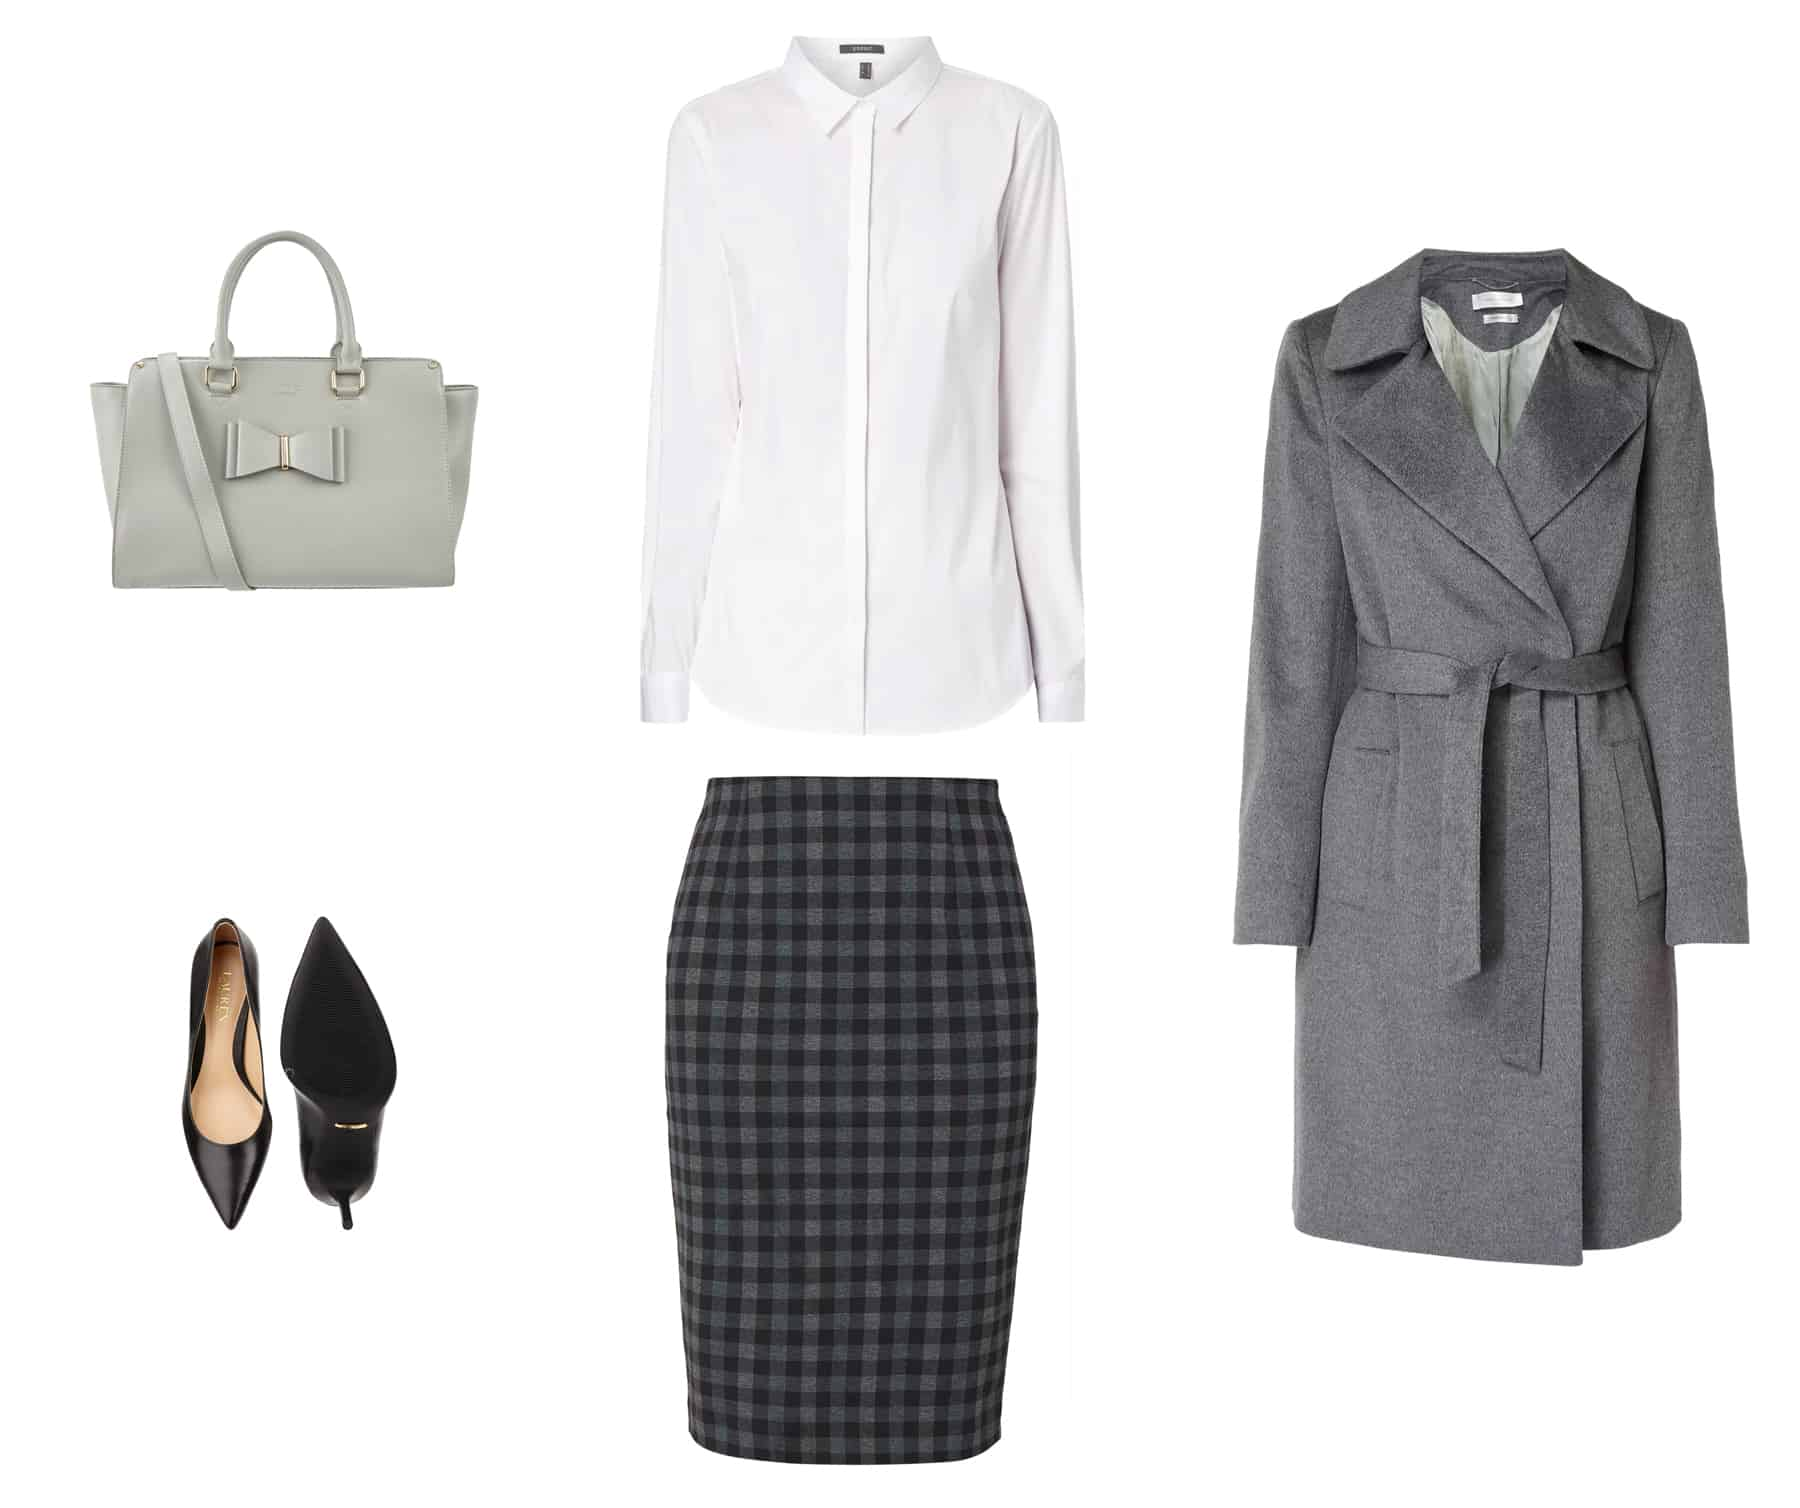 moda jesień - szary płaszczyk bez guzików, ołówkowa spódnica w kratke vichy, czarne czółenka szpilki, szara torebka